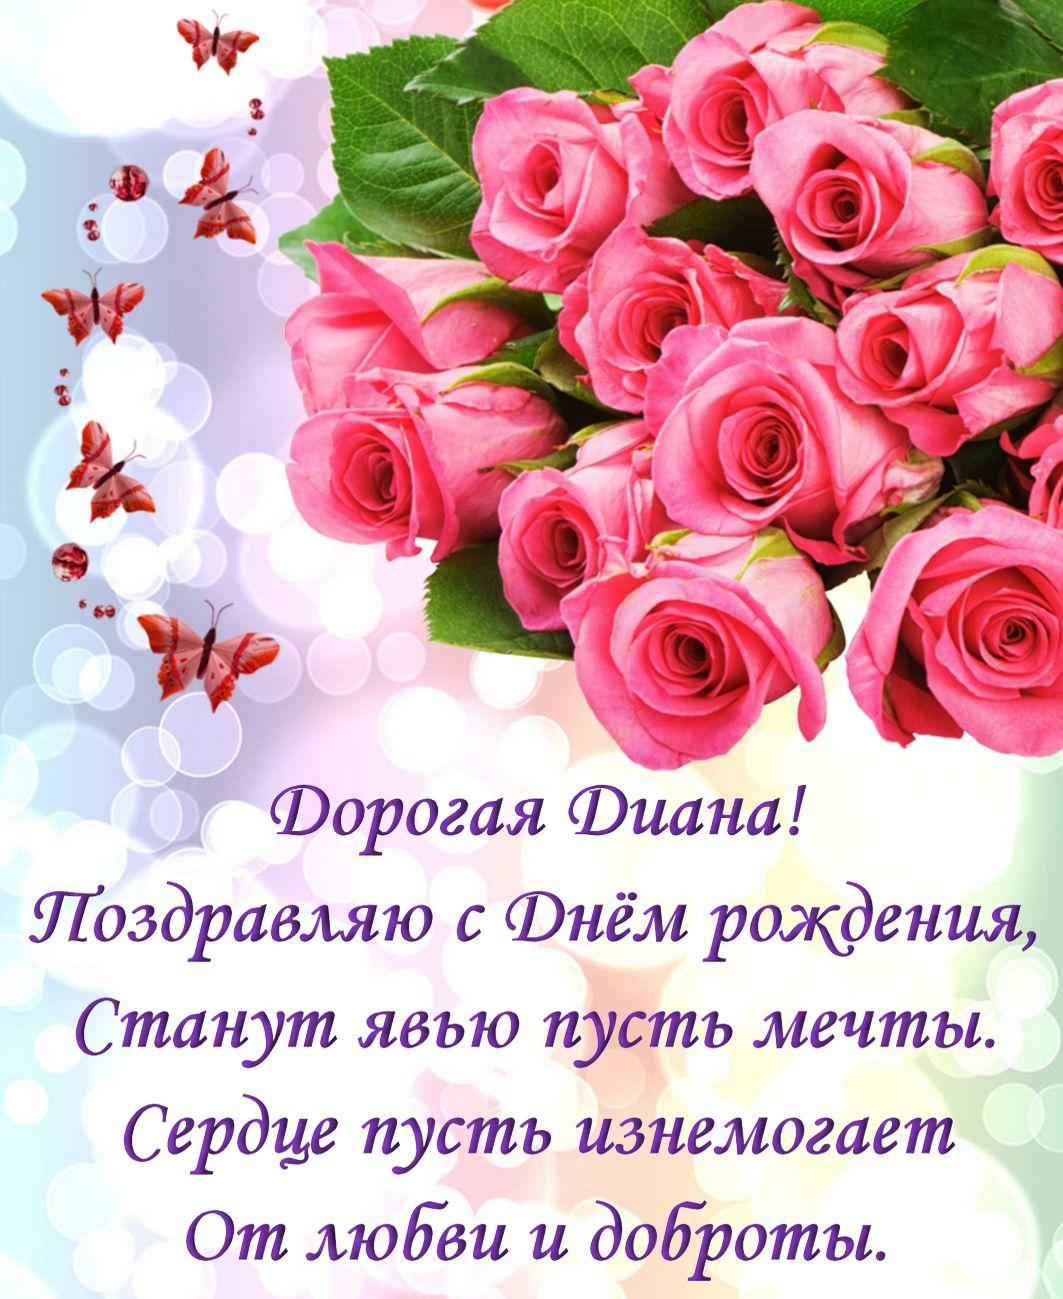 Самые душевные и красивые поздравления женщине с днем рождения